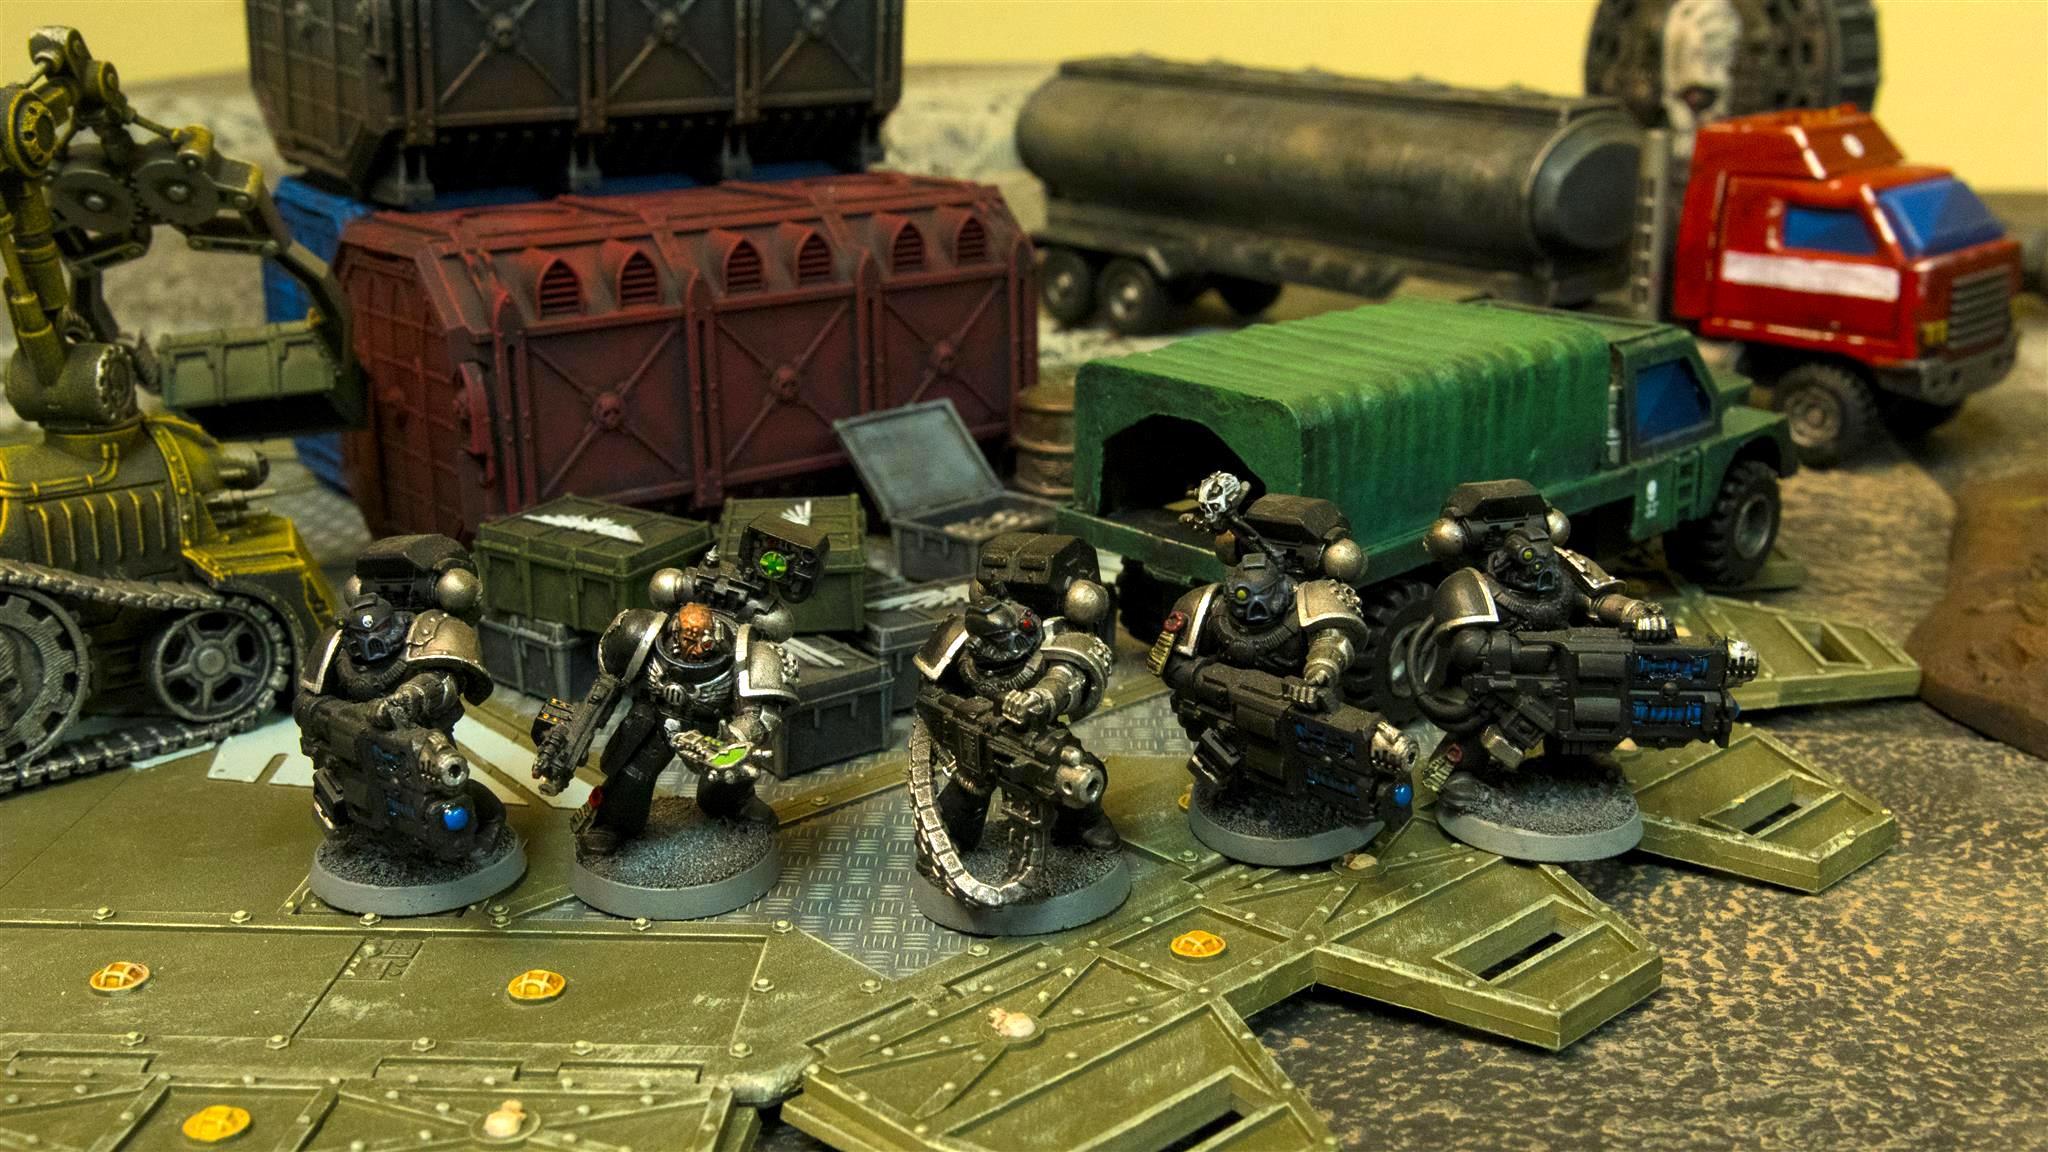 Cargo, Deathwatch, Deathwatch Blackshields, Space Marines, Truck